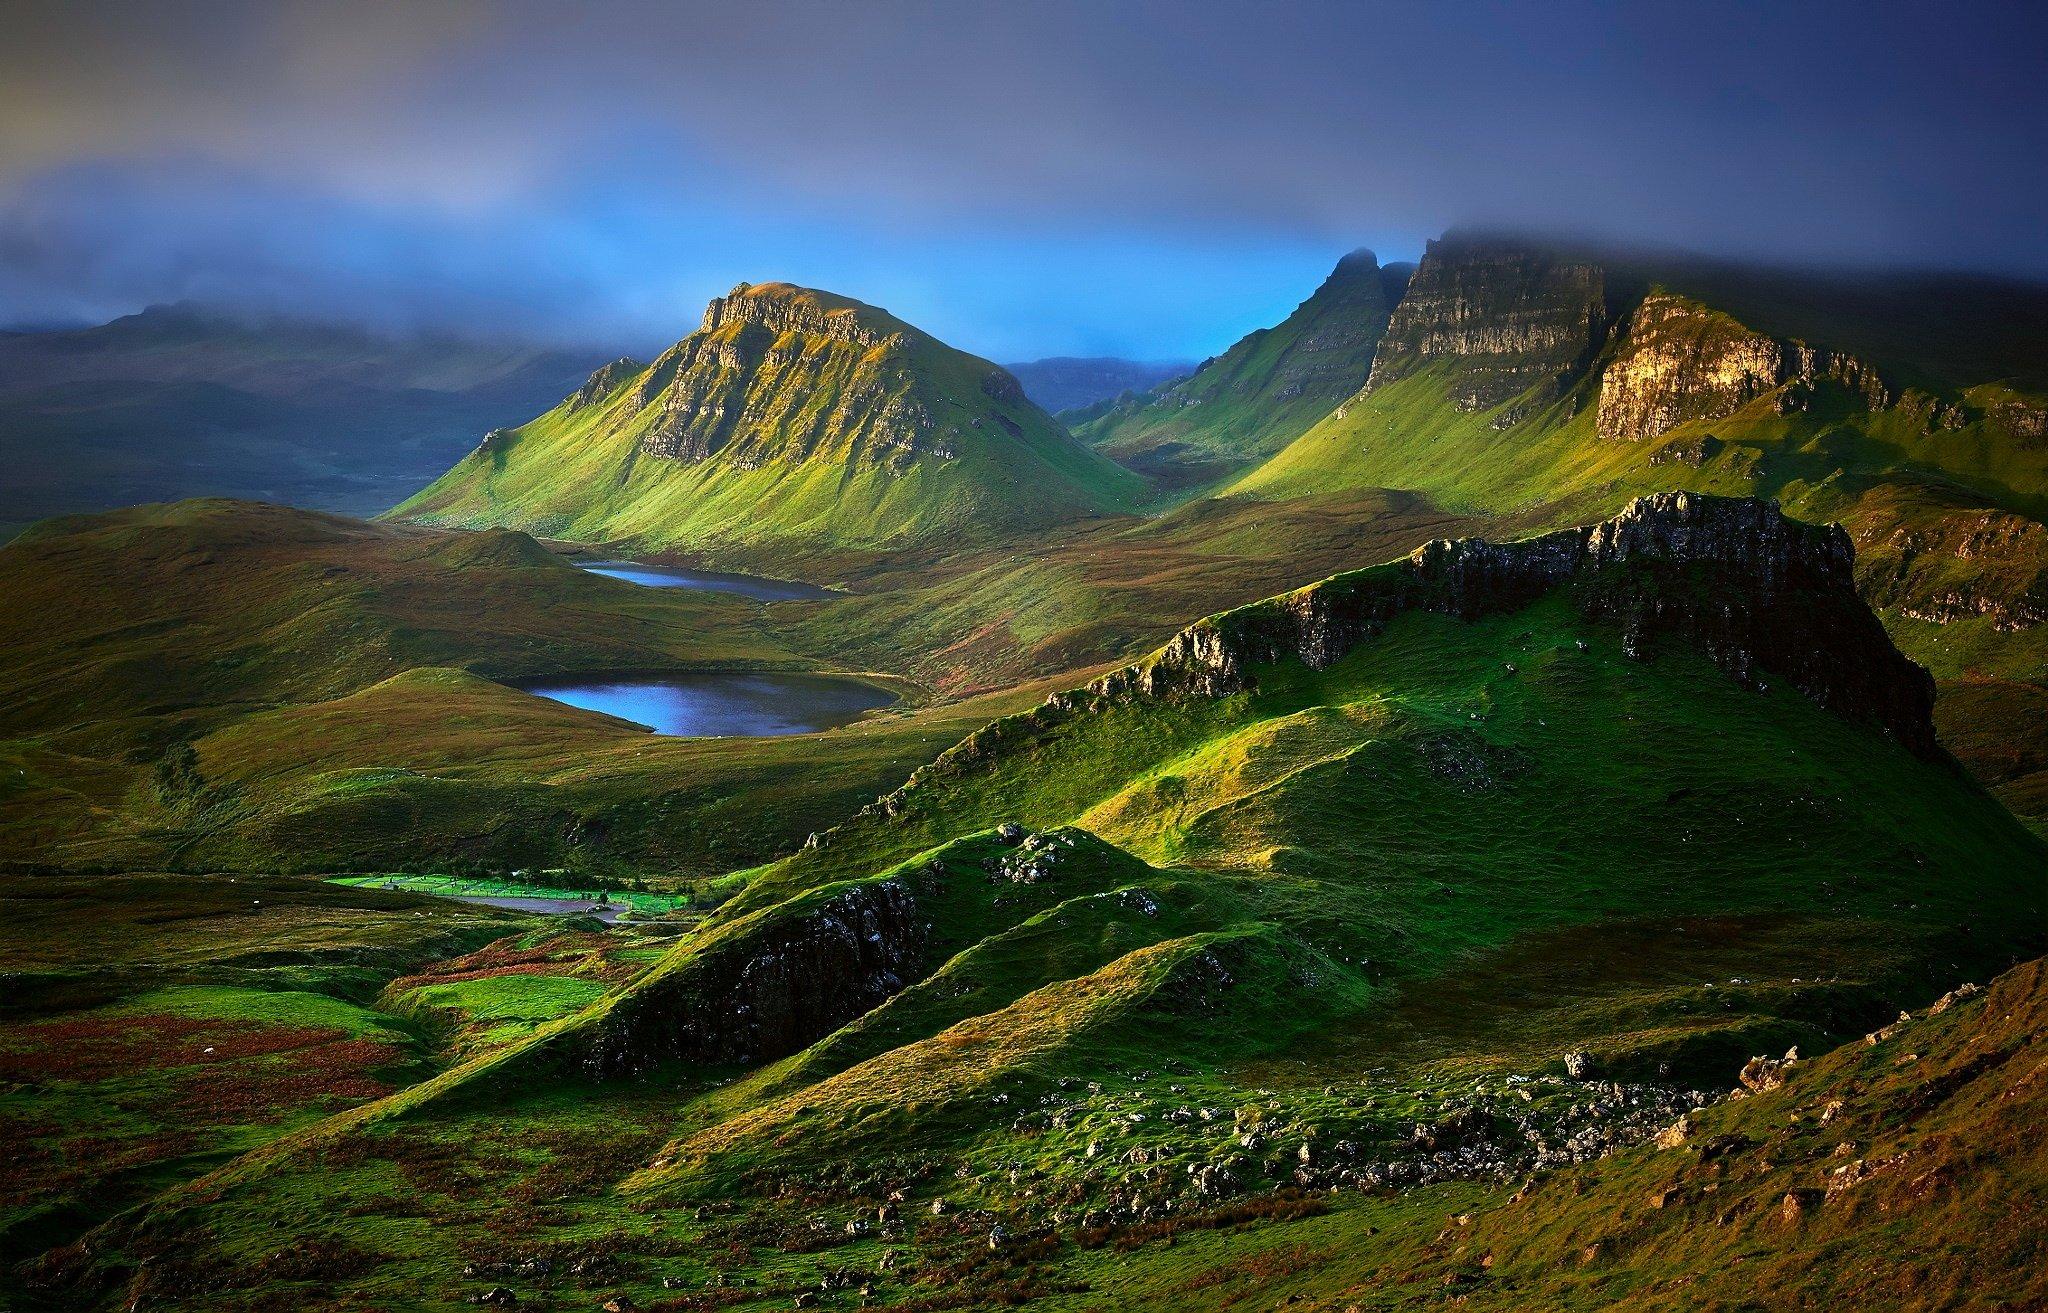 Wallpapersafari: Scottish Wallpapers For Desktop